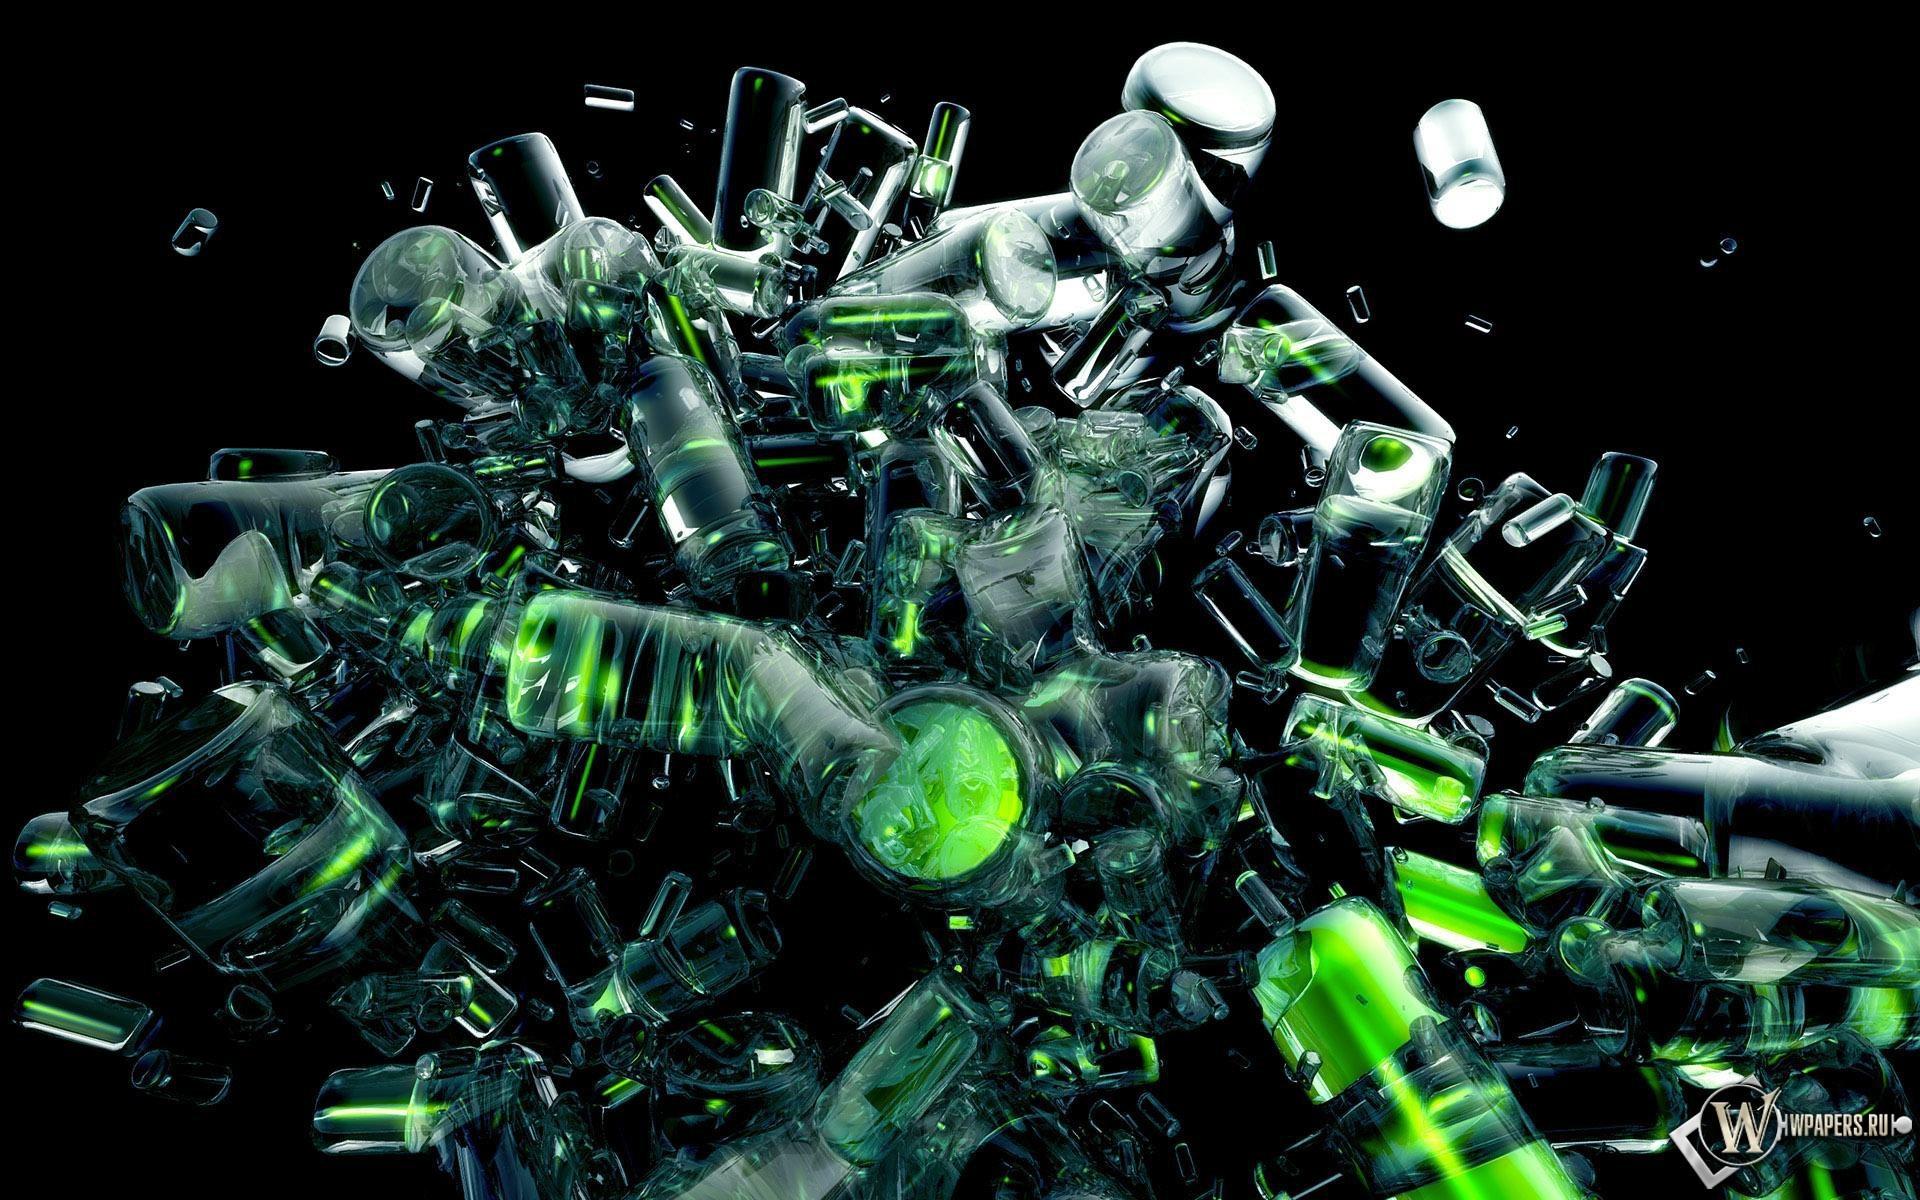 Зеленые цилиндры 1920x1200